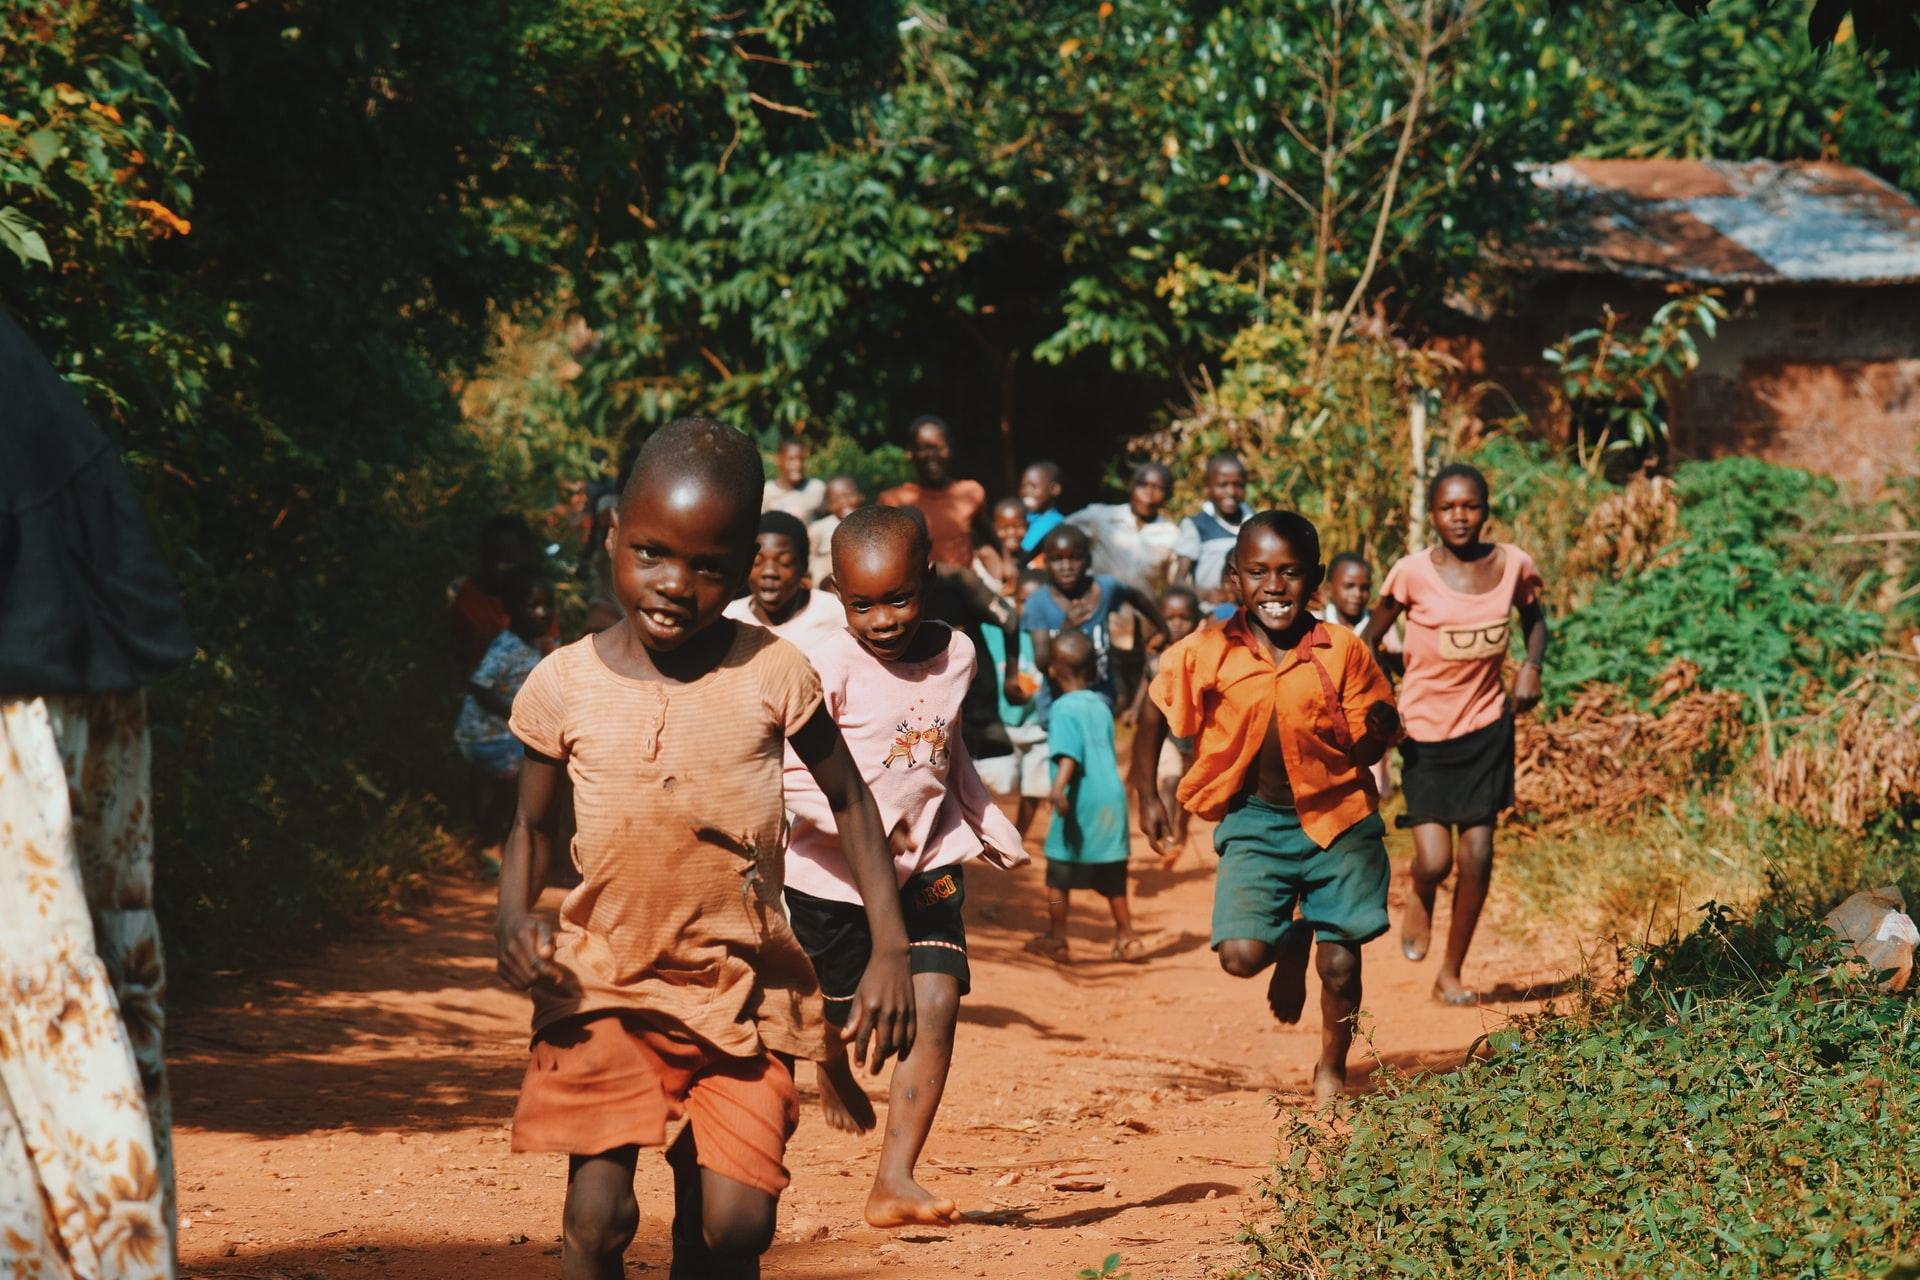 uganda, fotovoltaico, solare, pannelli, enel green power, emergency, ospedale, pediatria, chirurgia, energia, elettricità, fabbisogno, rinnovabili, sostenibilità, edilizia, Energy Close-up Engineering